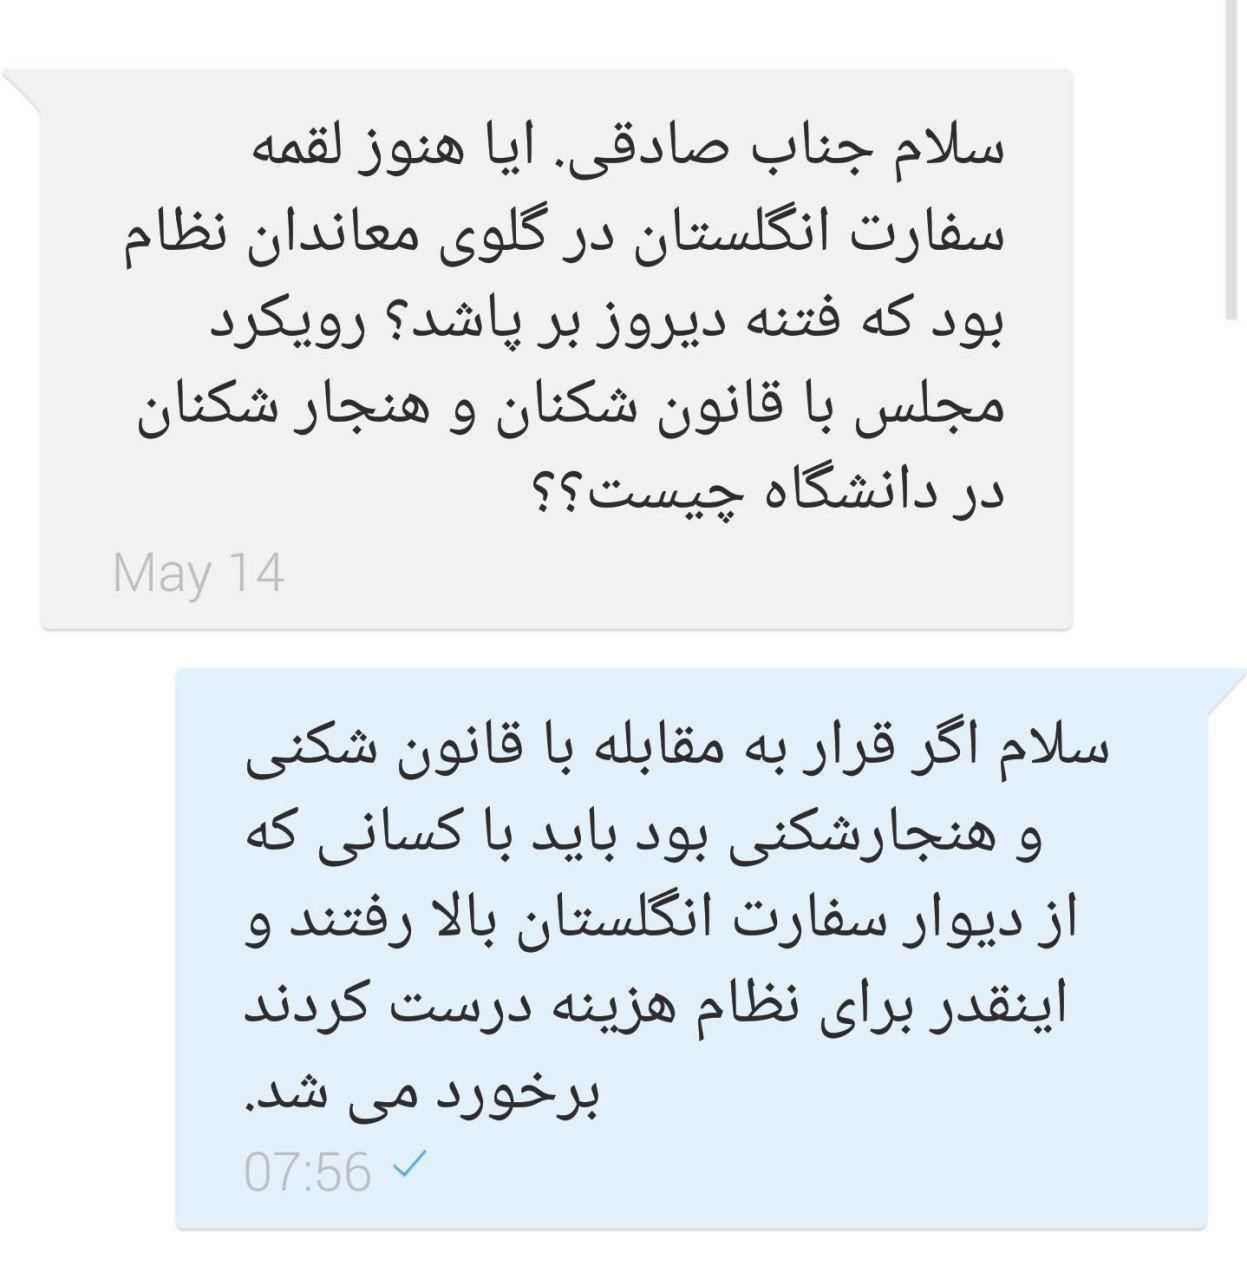 محمود صادقی با انتشار تصویر فوق در توئیتر نوشت: پاسخ من به یک پیام با پیش شمارهی ۰۹۱۵